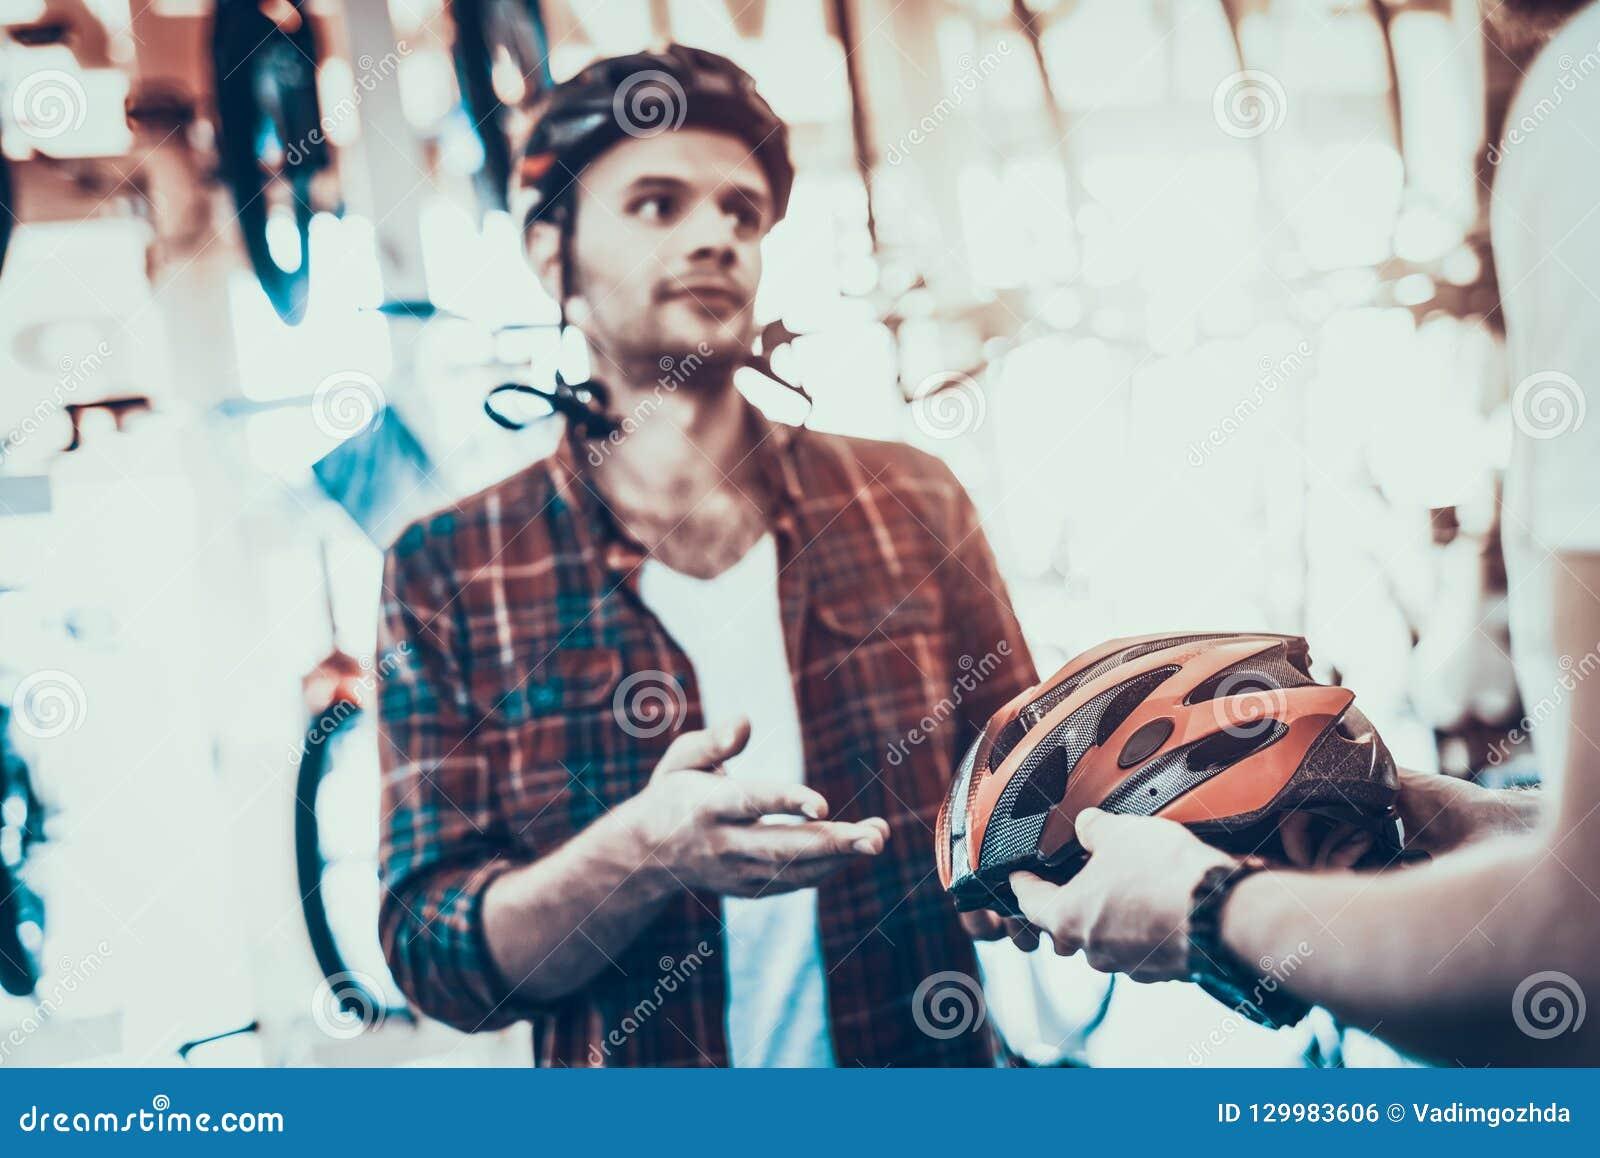 Berater Helps Guy Choose Helmet für Fahrrad-Fahrten